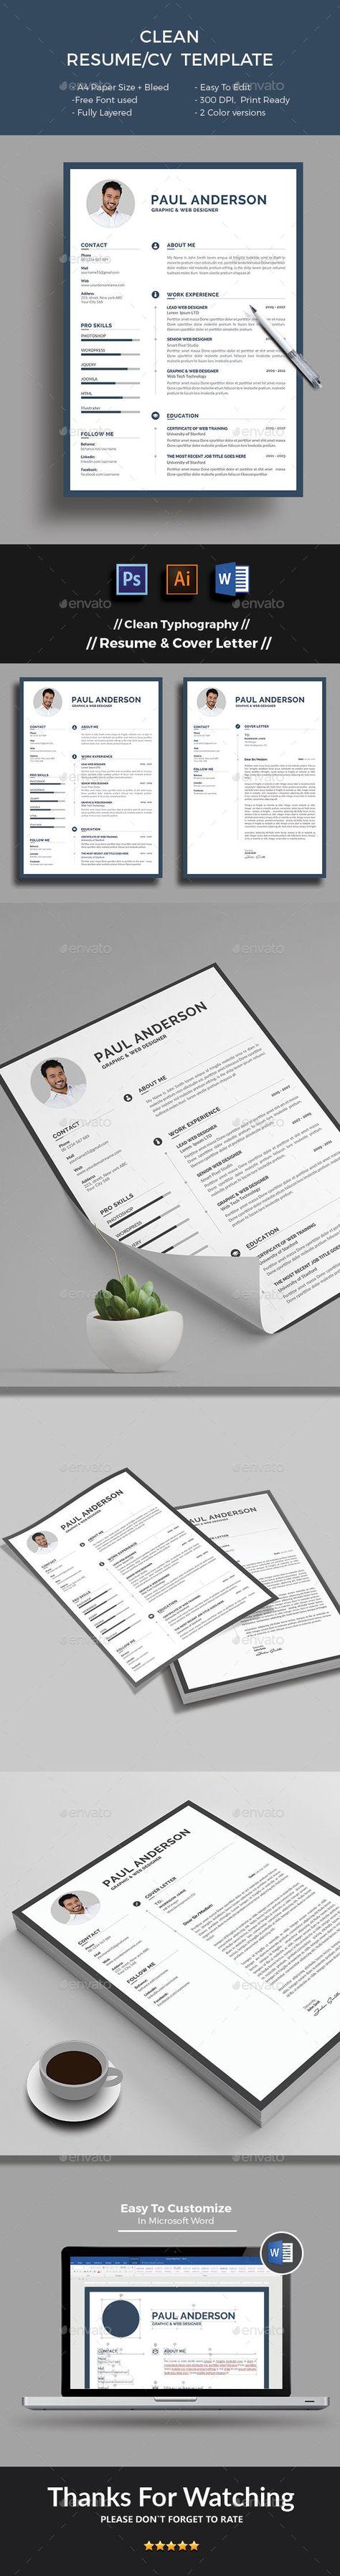 22 Free Creative Resume template - Smashfreakz | Resume and Bio ...